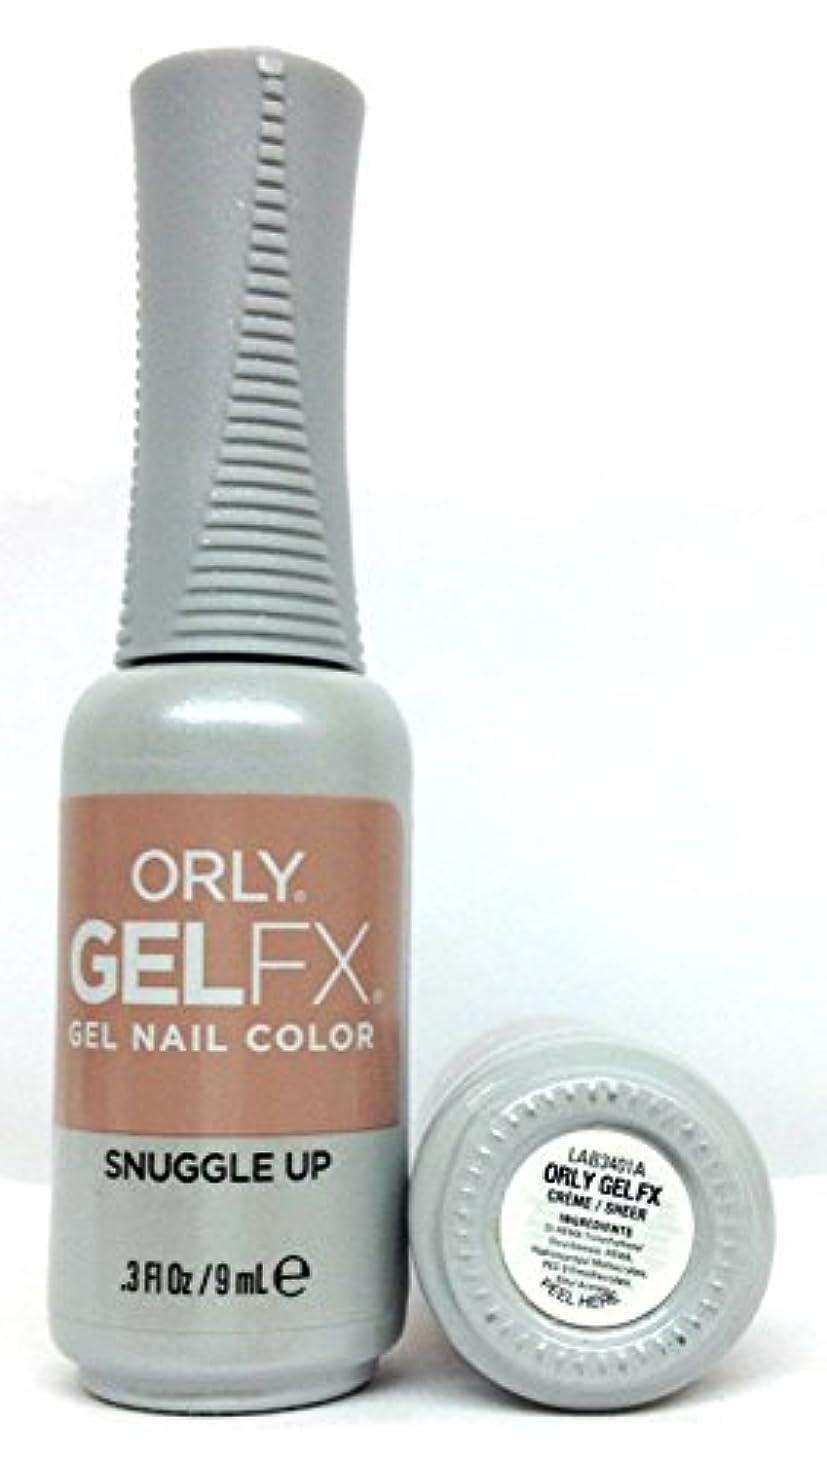 即席アッティカススーツORLY GelFX - The New Neutral Collection - Snuggle Up - 9 ml / 0.3 oz